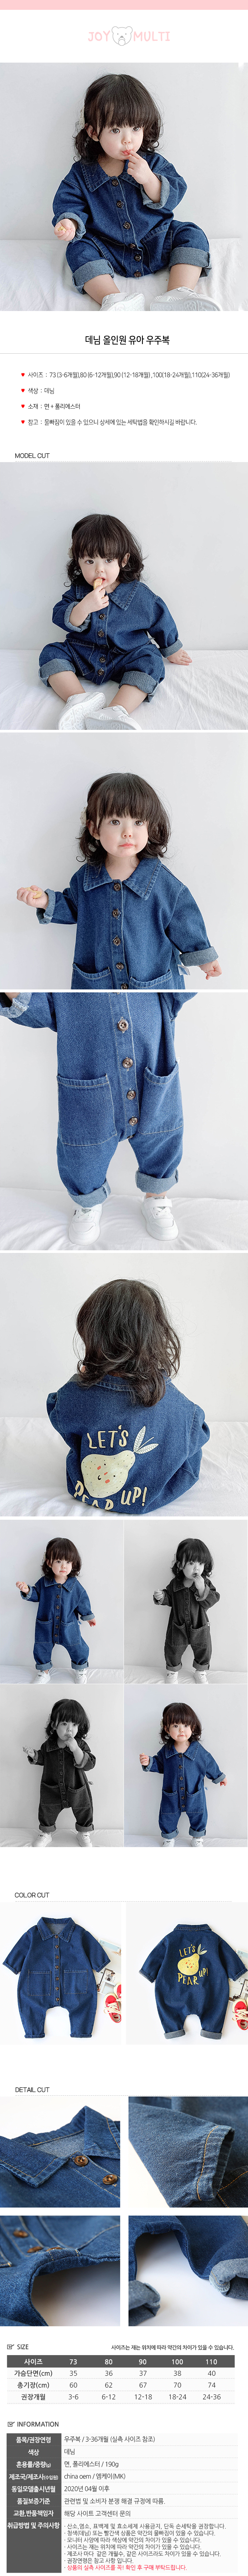 데님 올인원 유아 우주복(3-36개월) 204090 - MK, 29,300원, 우주복/바디수트, 바디수트